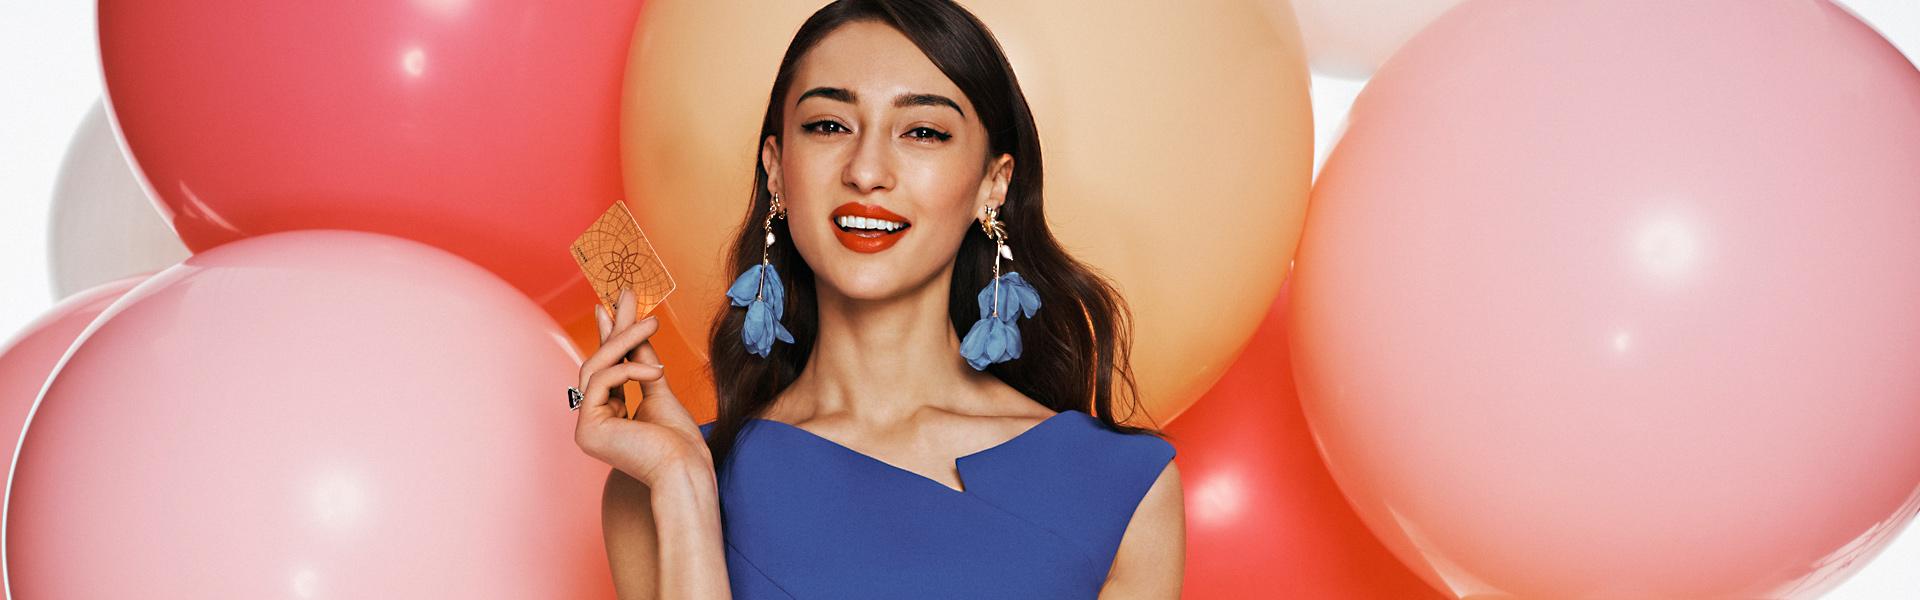 Asian_Girl_Balloons.jpg